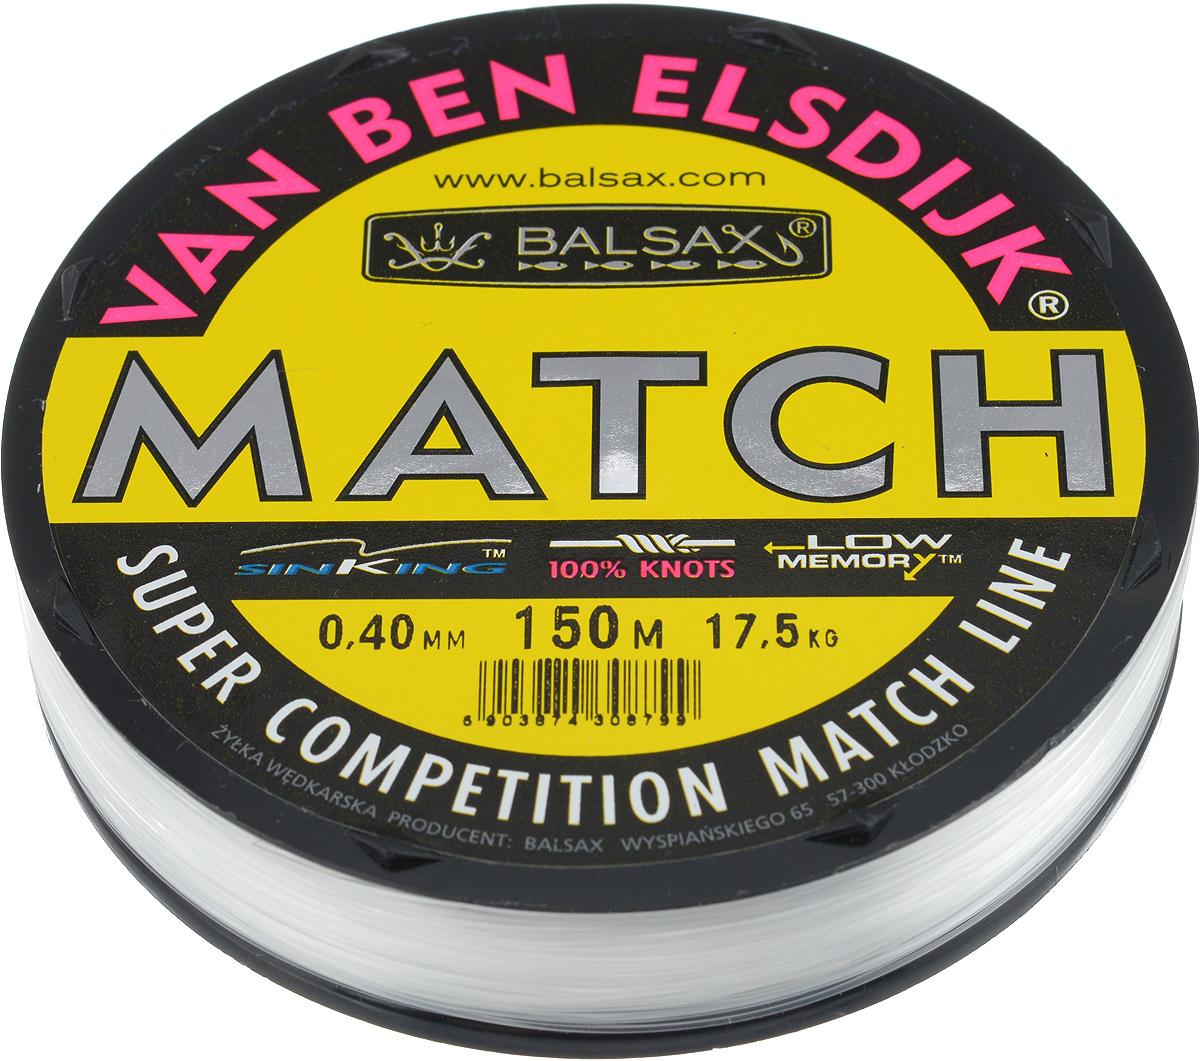 Леска Balsax Match VBE, 150 м, 0,40 мм, 17,5 кг304-10040Опытным спортсменам, участвующим в соревнованиях, нужна надежная леска, в которой можно быть уверенным в любой ситуации. Леска Balsax Match VBE отличается замечательной прочностью на узле и высокой сопротивляемостью к истиранию. Она была проверена на склонность к остаточным деформациям, чтобы убедиться в том, что она обладает наиболее подходящей растяжимостью, отвечая самым строгим требованиям рыболовов. Такая леска отлично подходит как для спортивного, так и для любительского рыболовства.